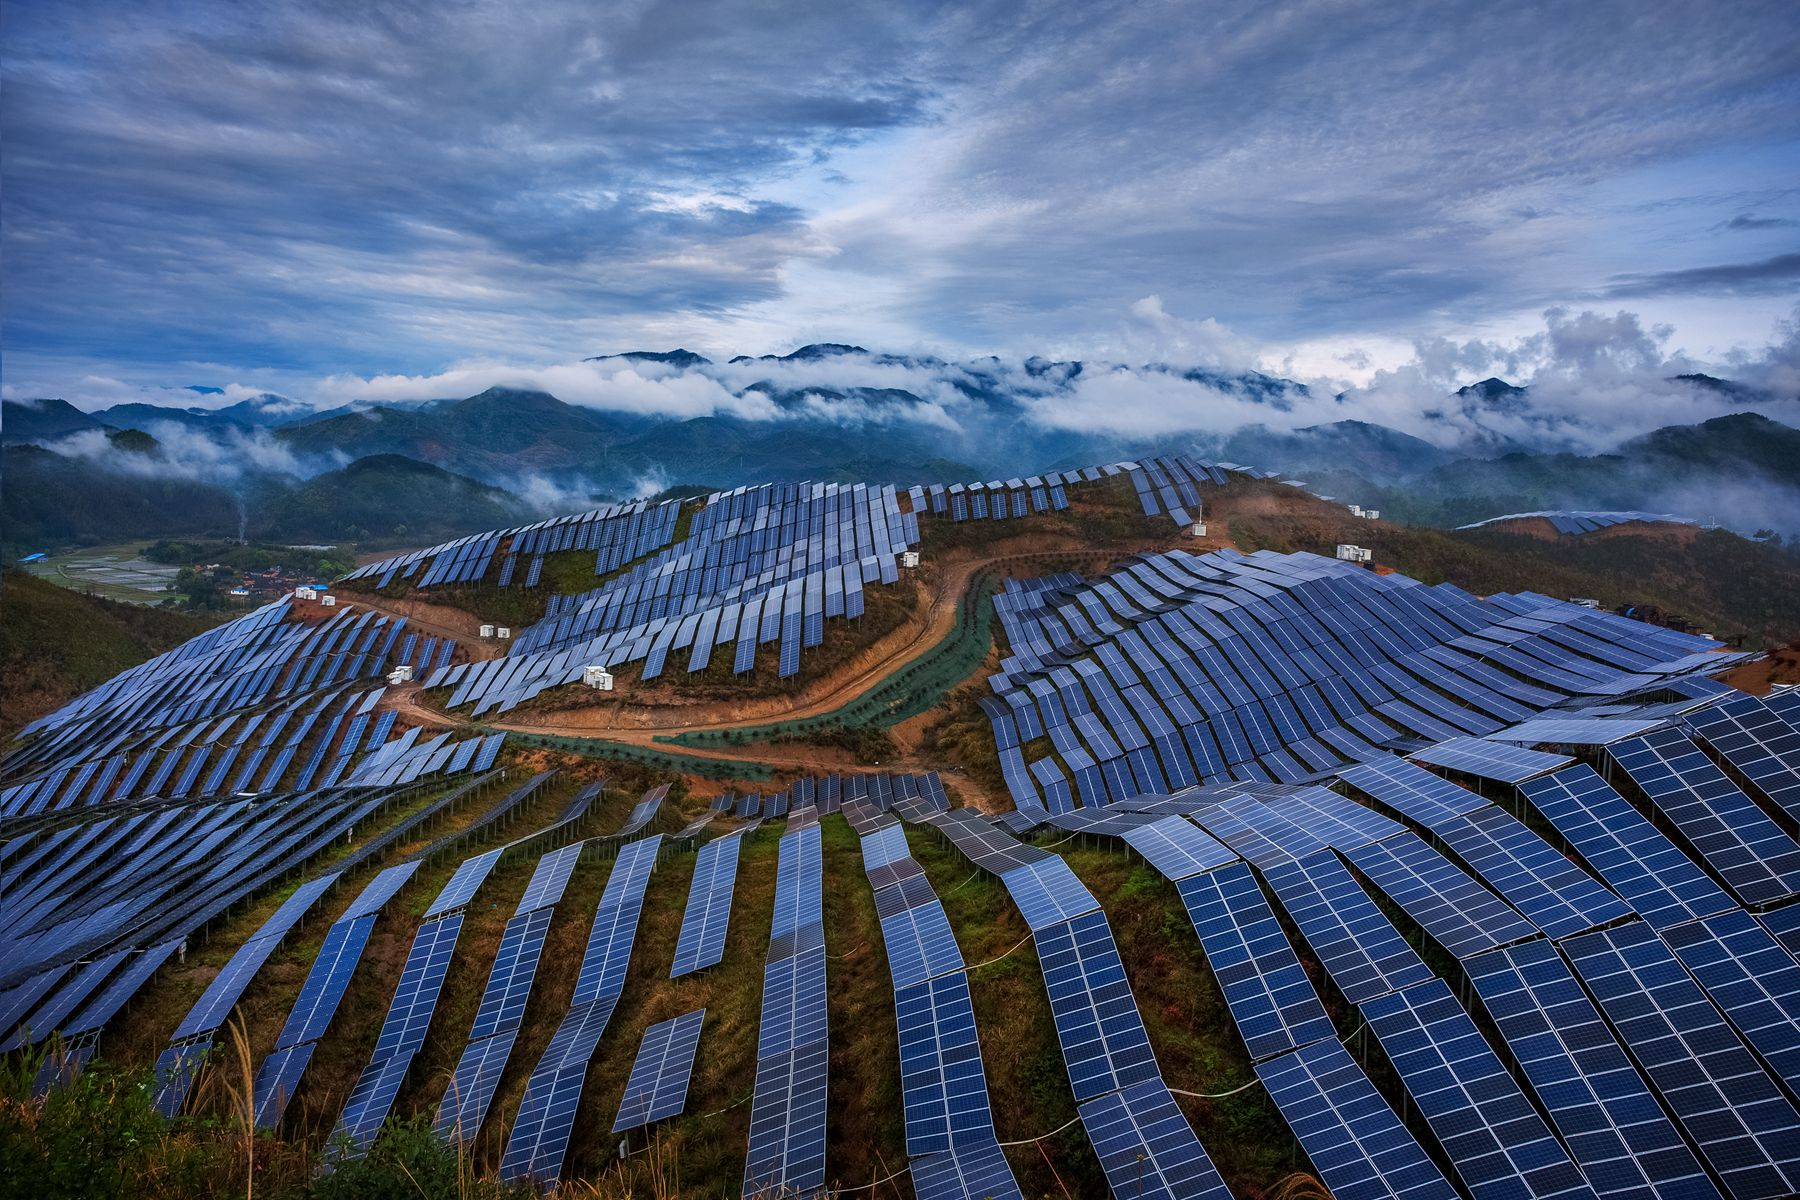 福建省南平市屋顶分布式光伏发电项目(EPC)